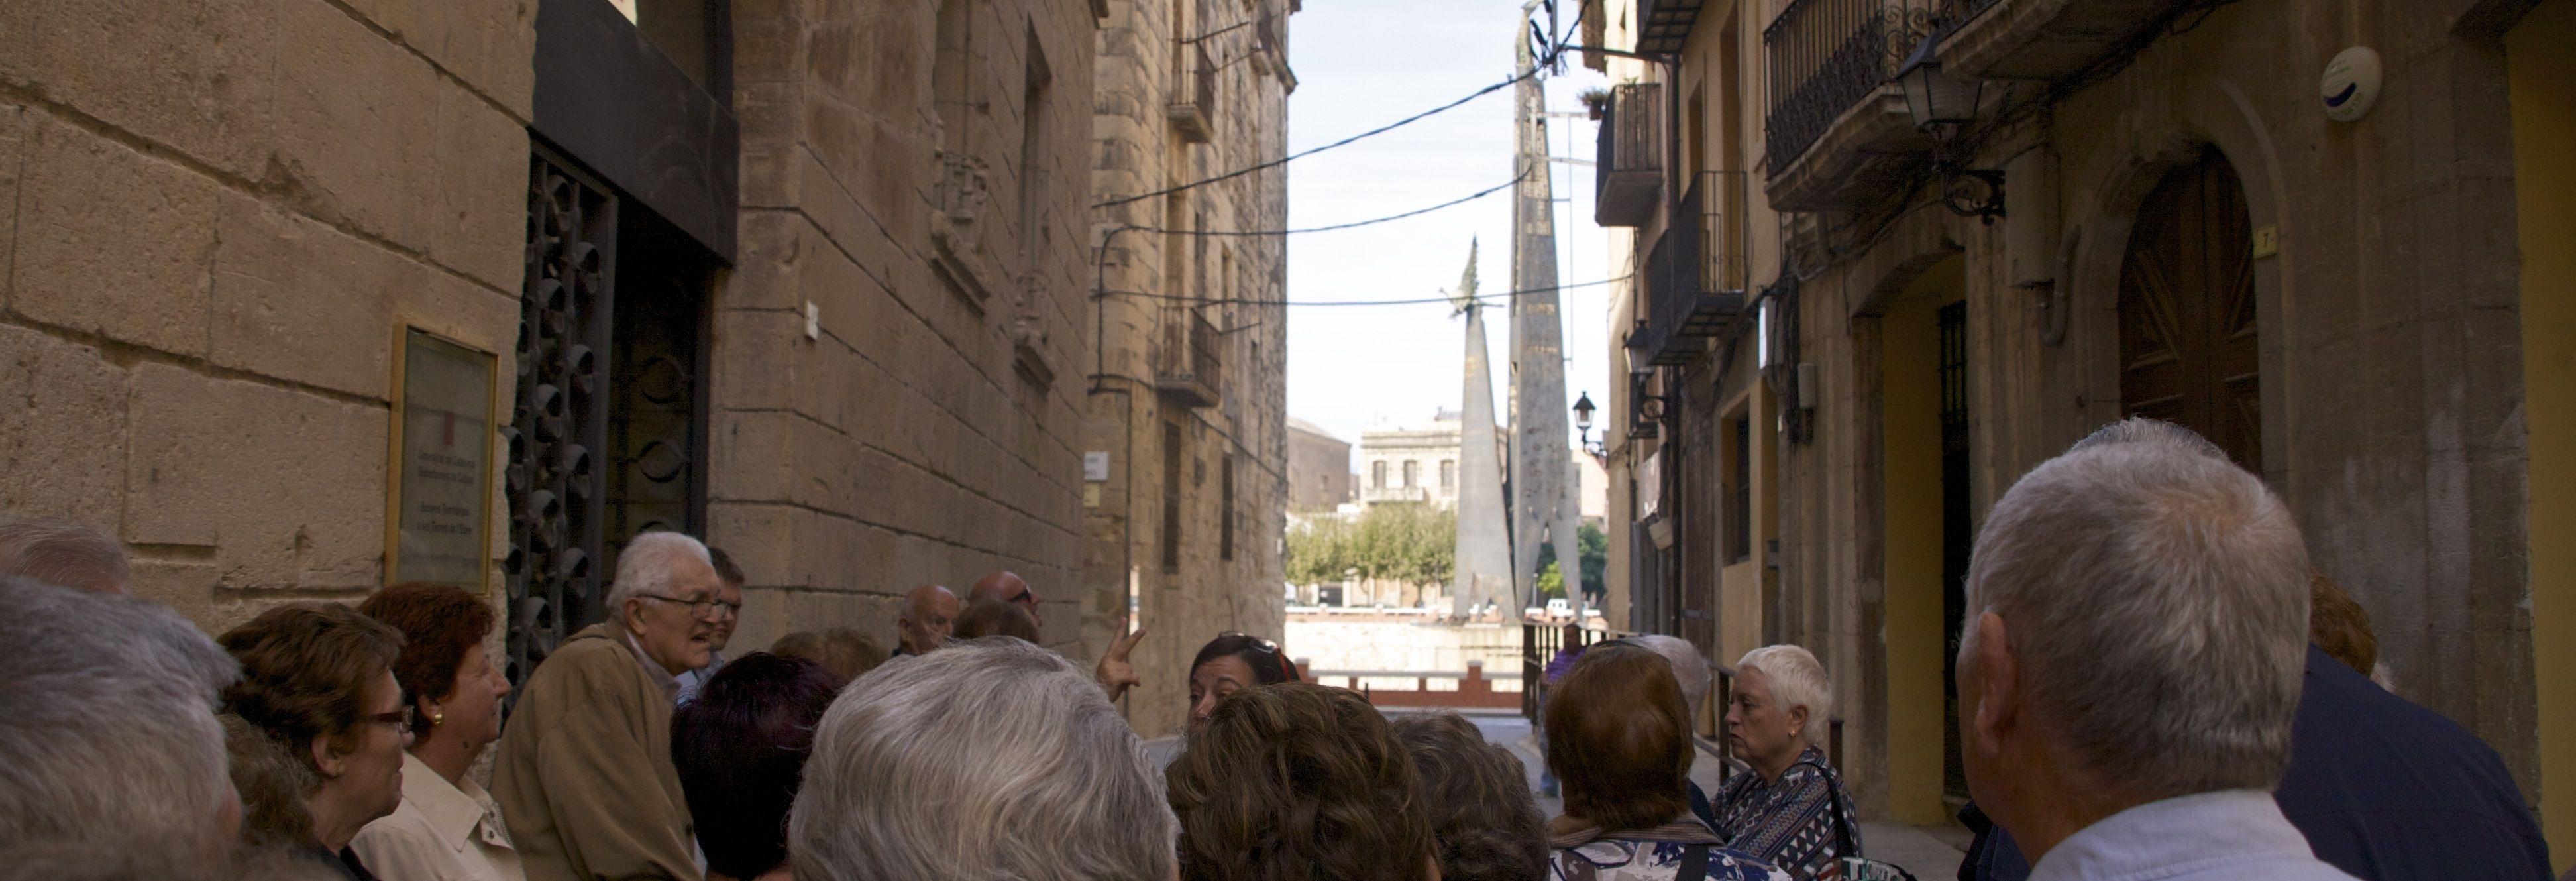 Foto-tortosa-web